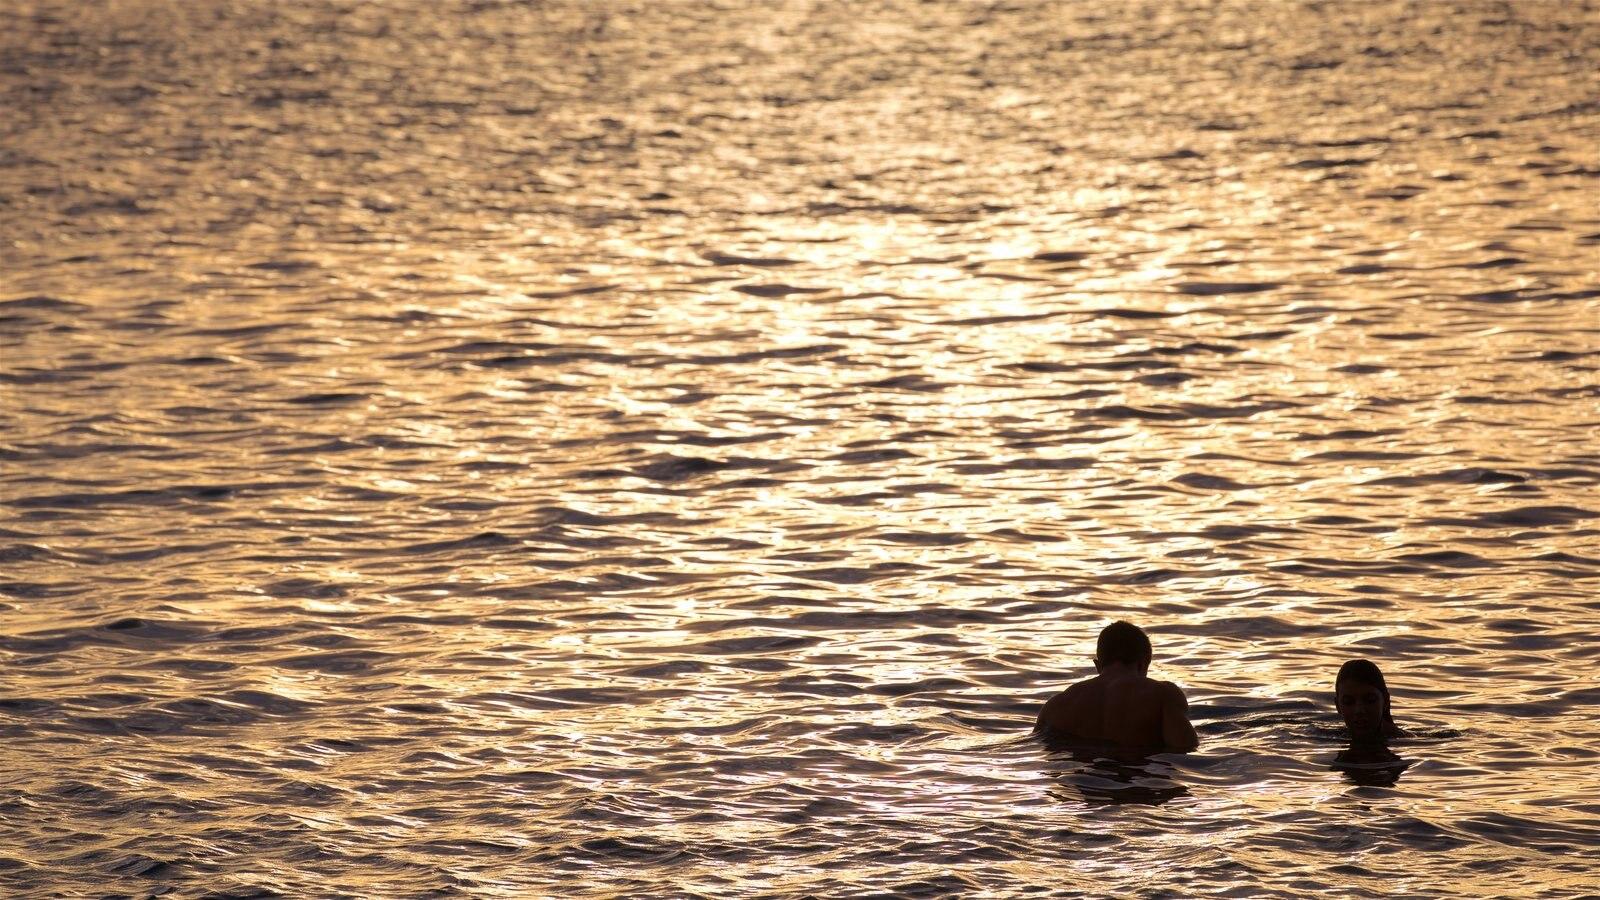 Tahiti showing swimming, a sunset and general coastal views